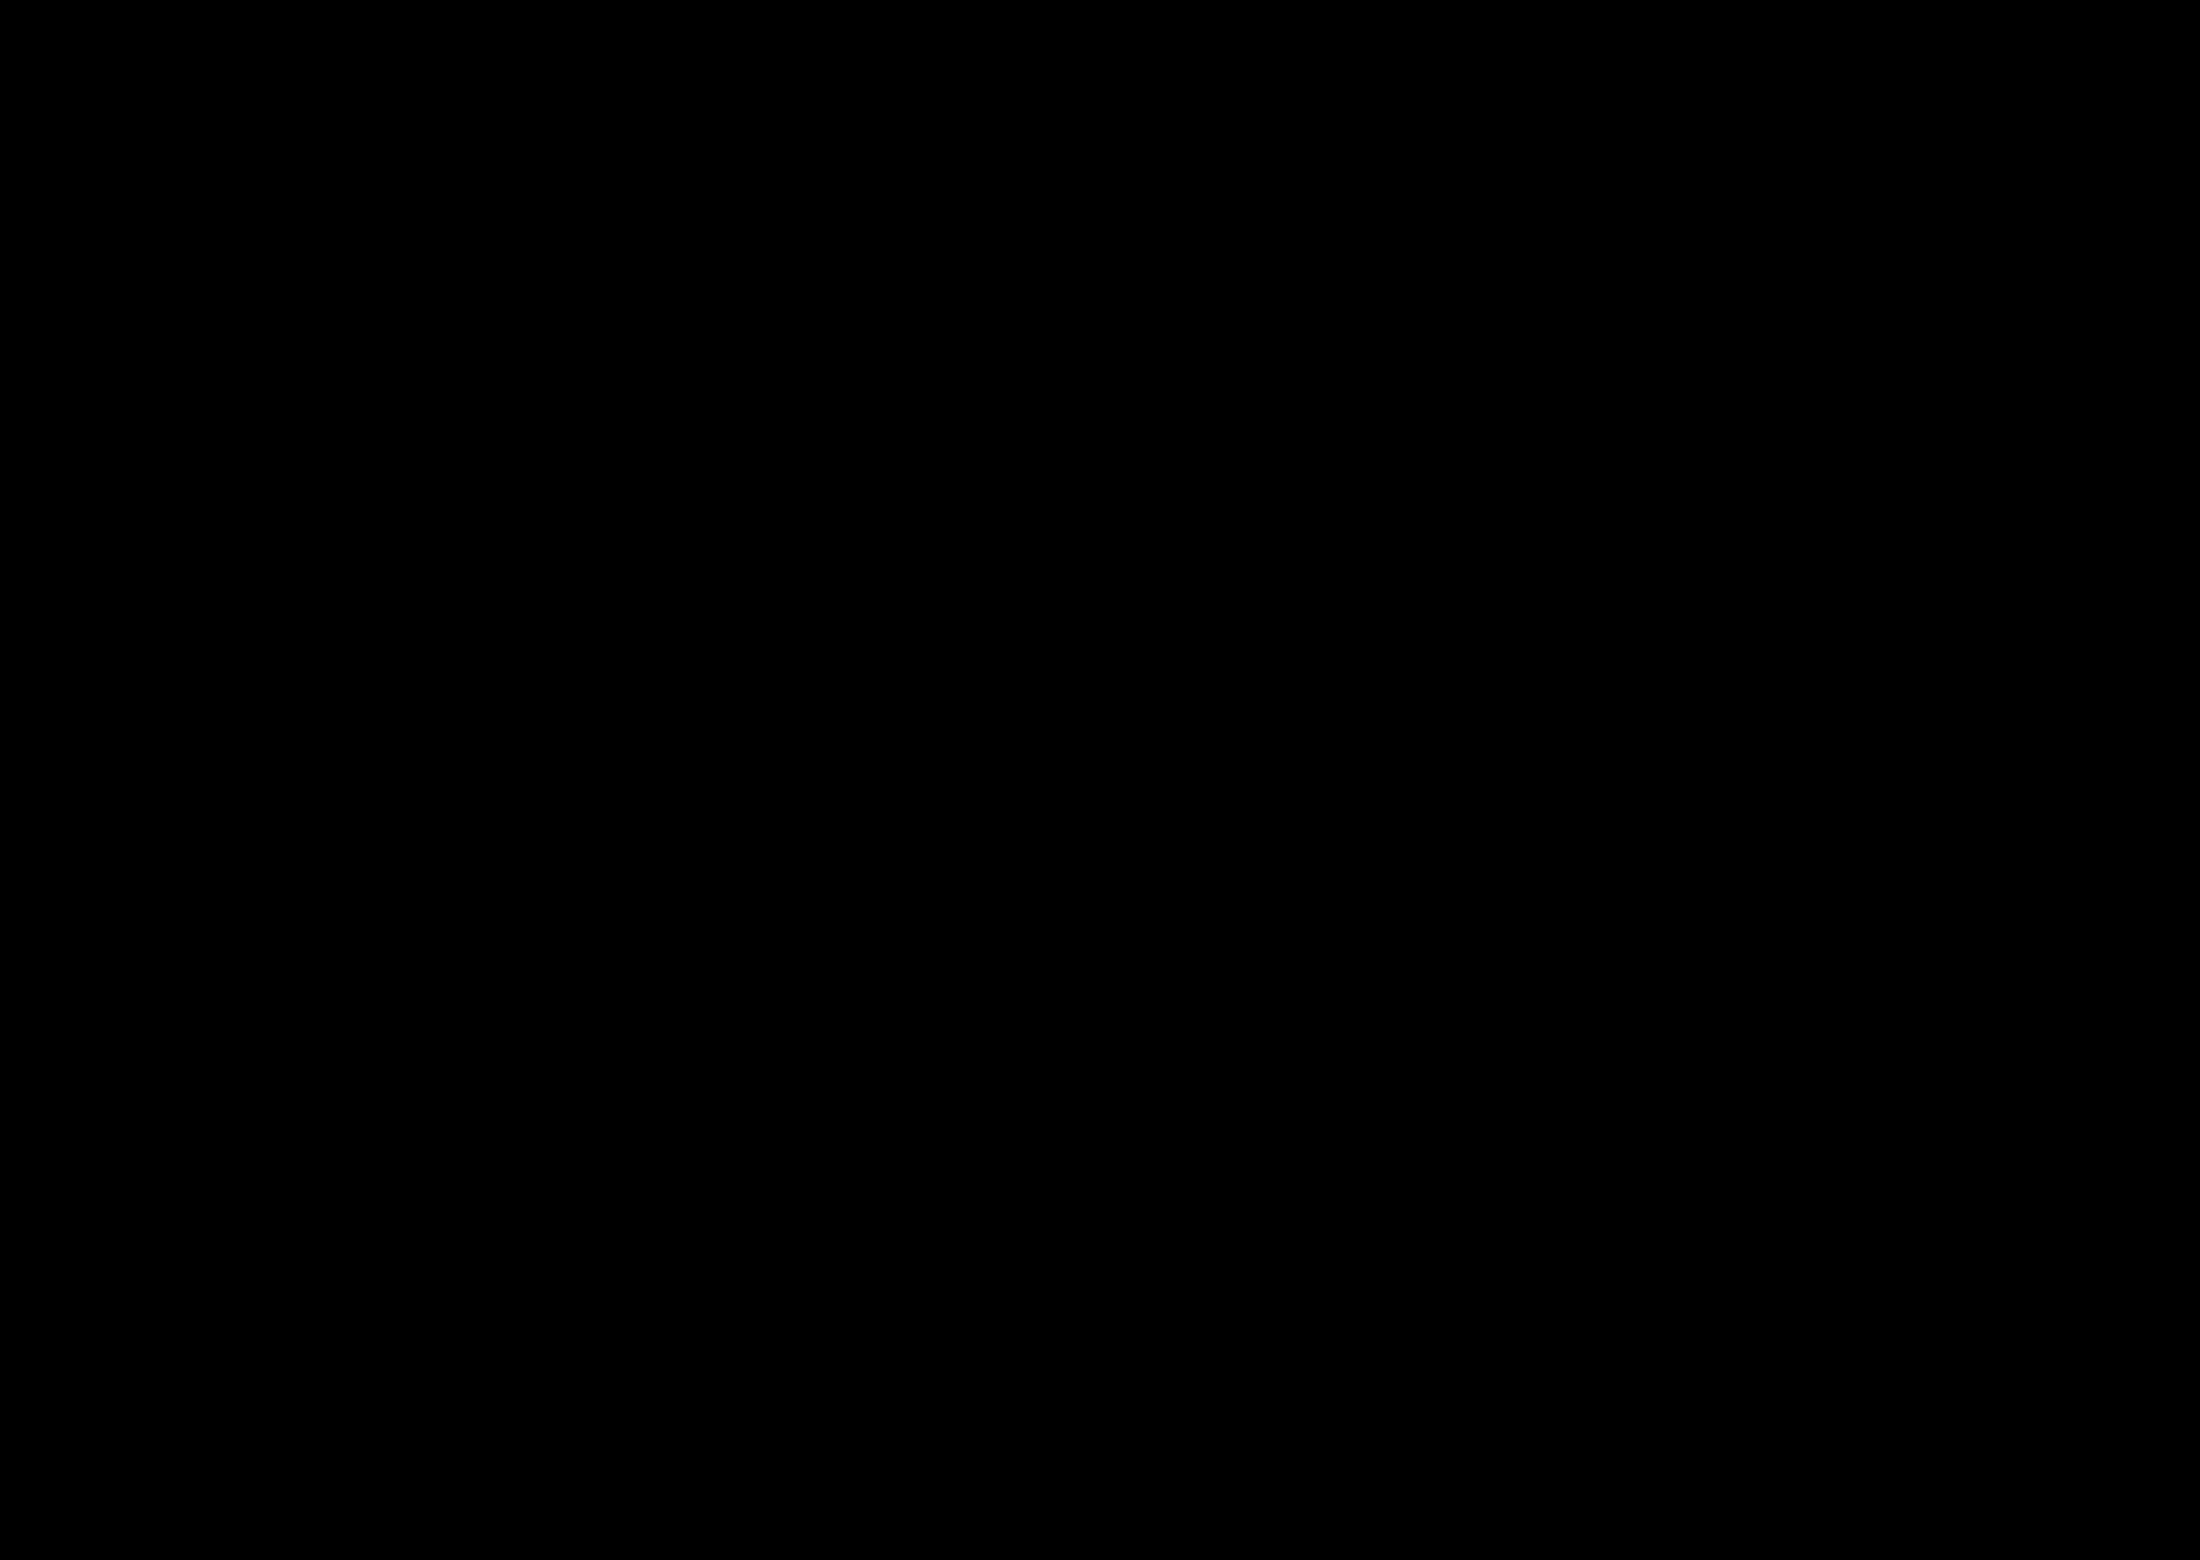 map of nigeria 3